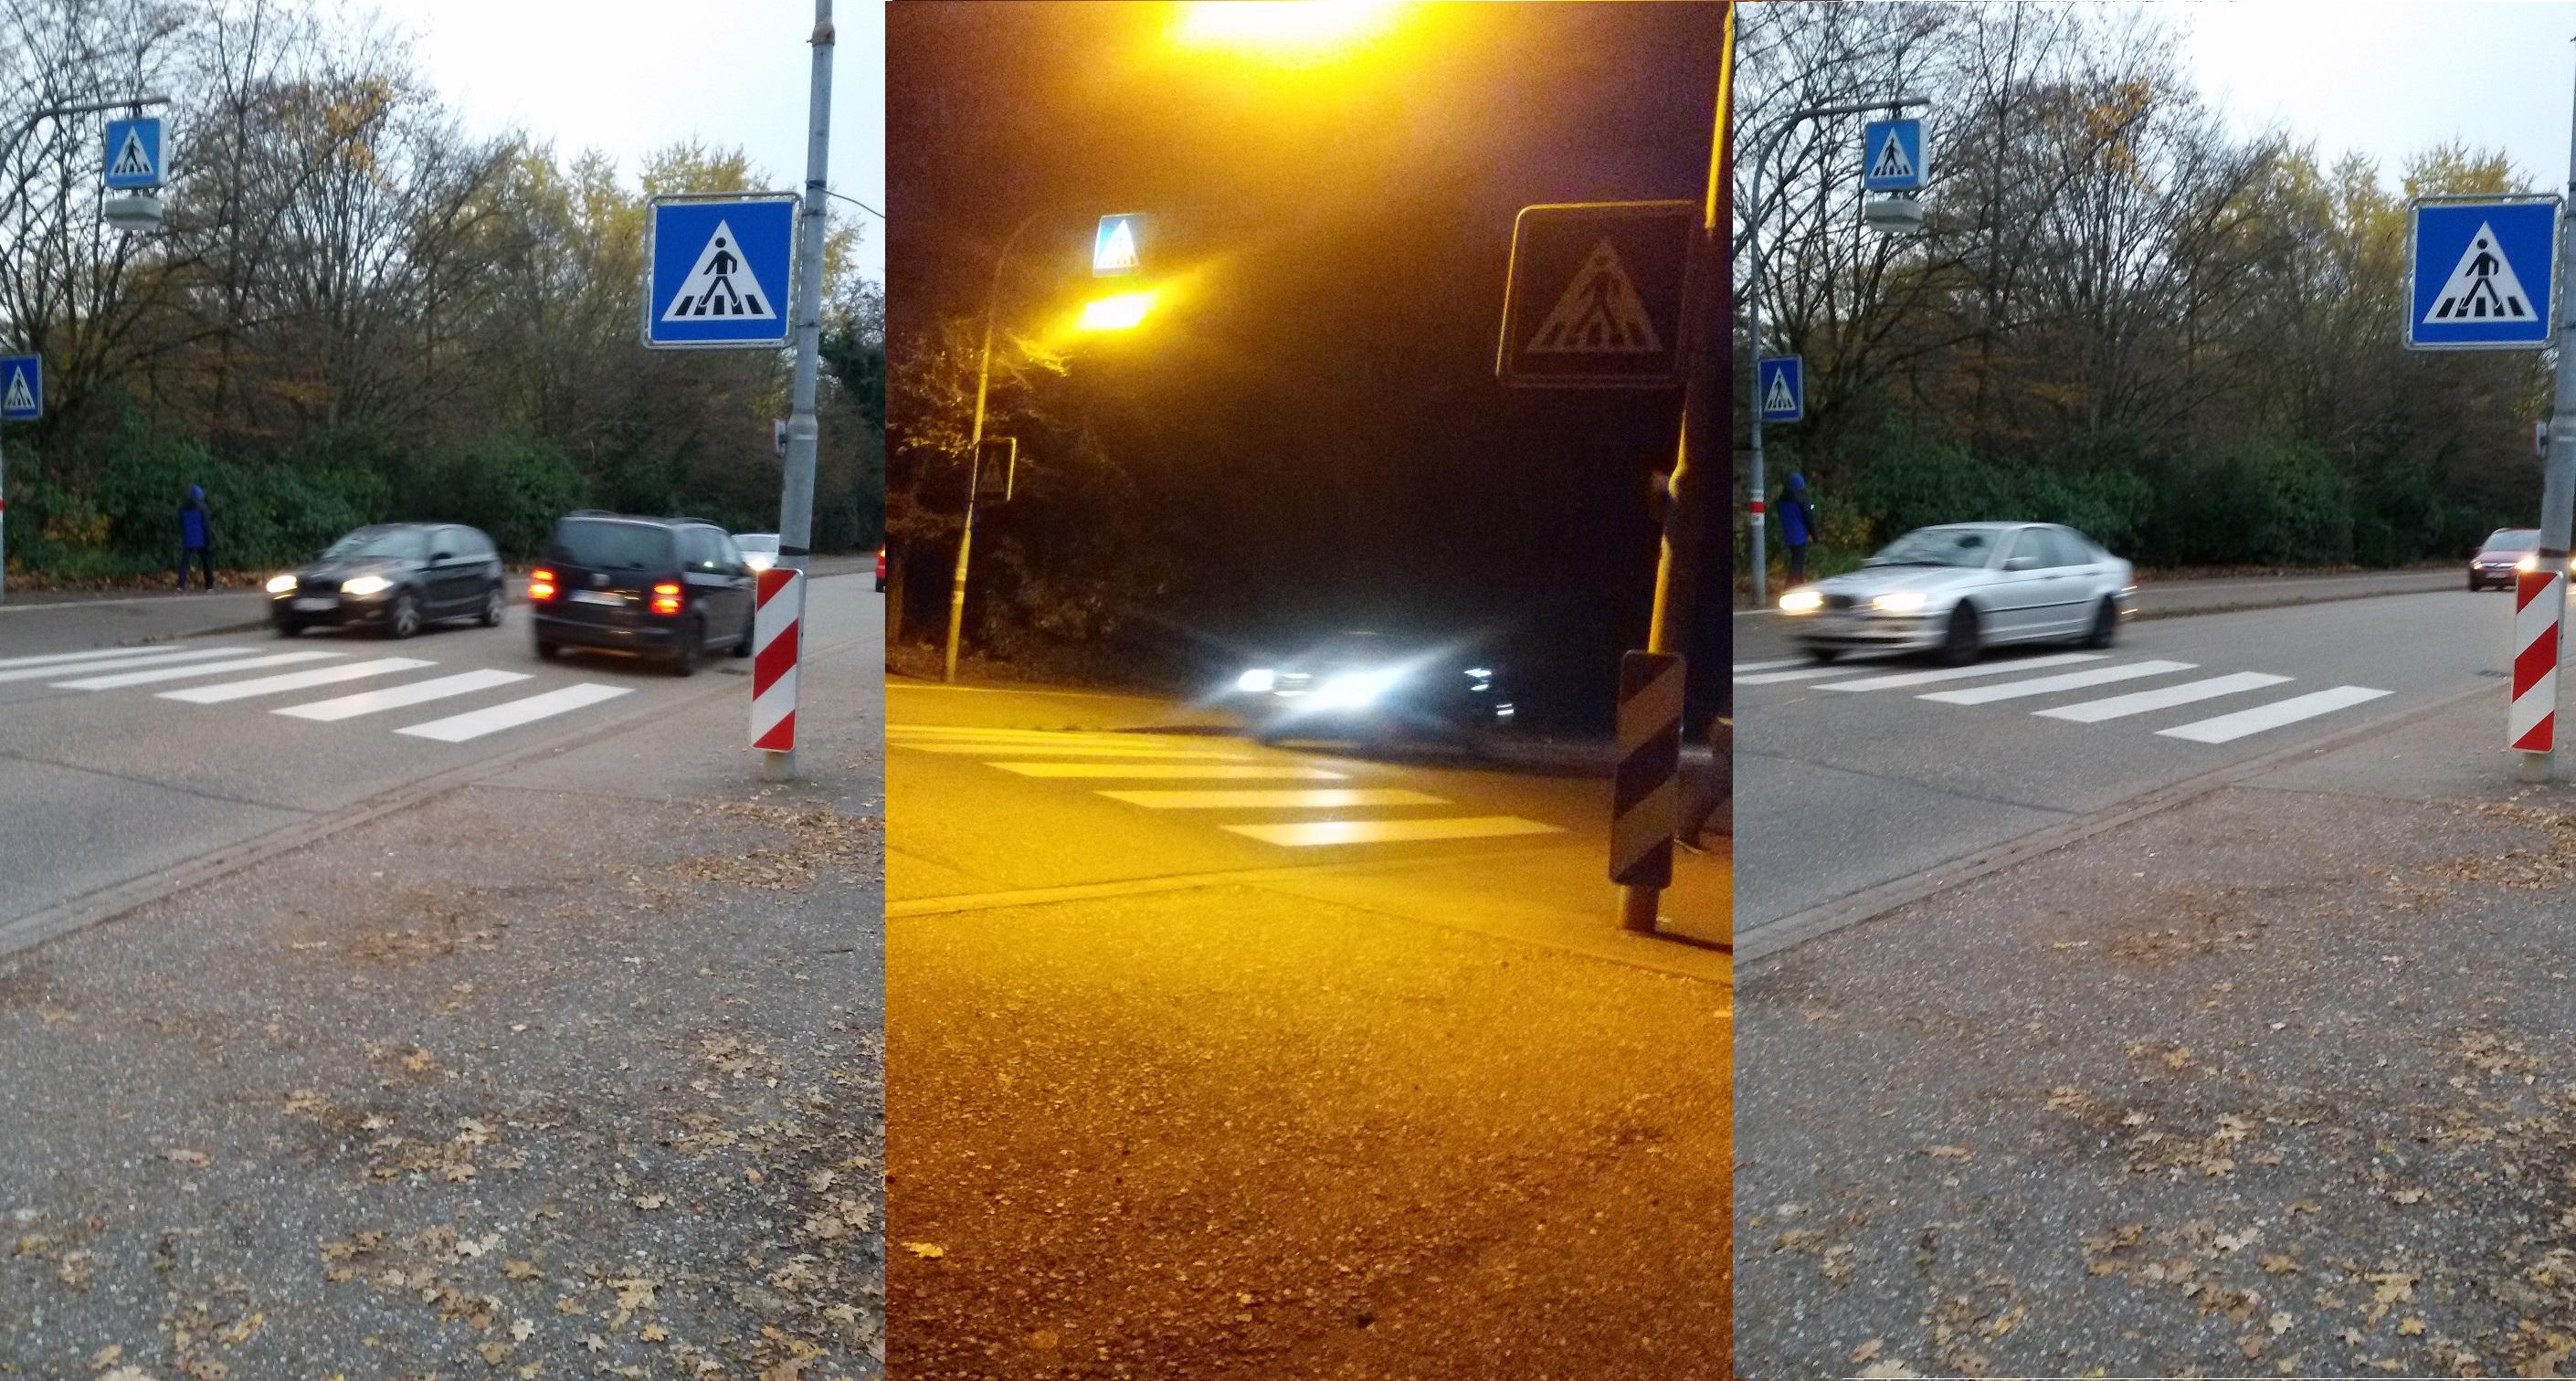 Zebrastreifen bei Nacht und Tag